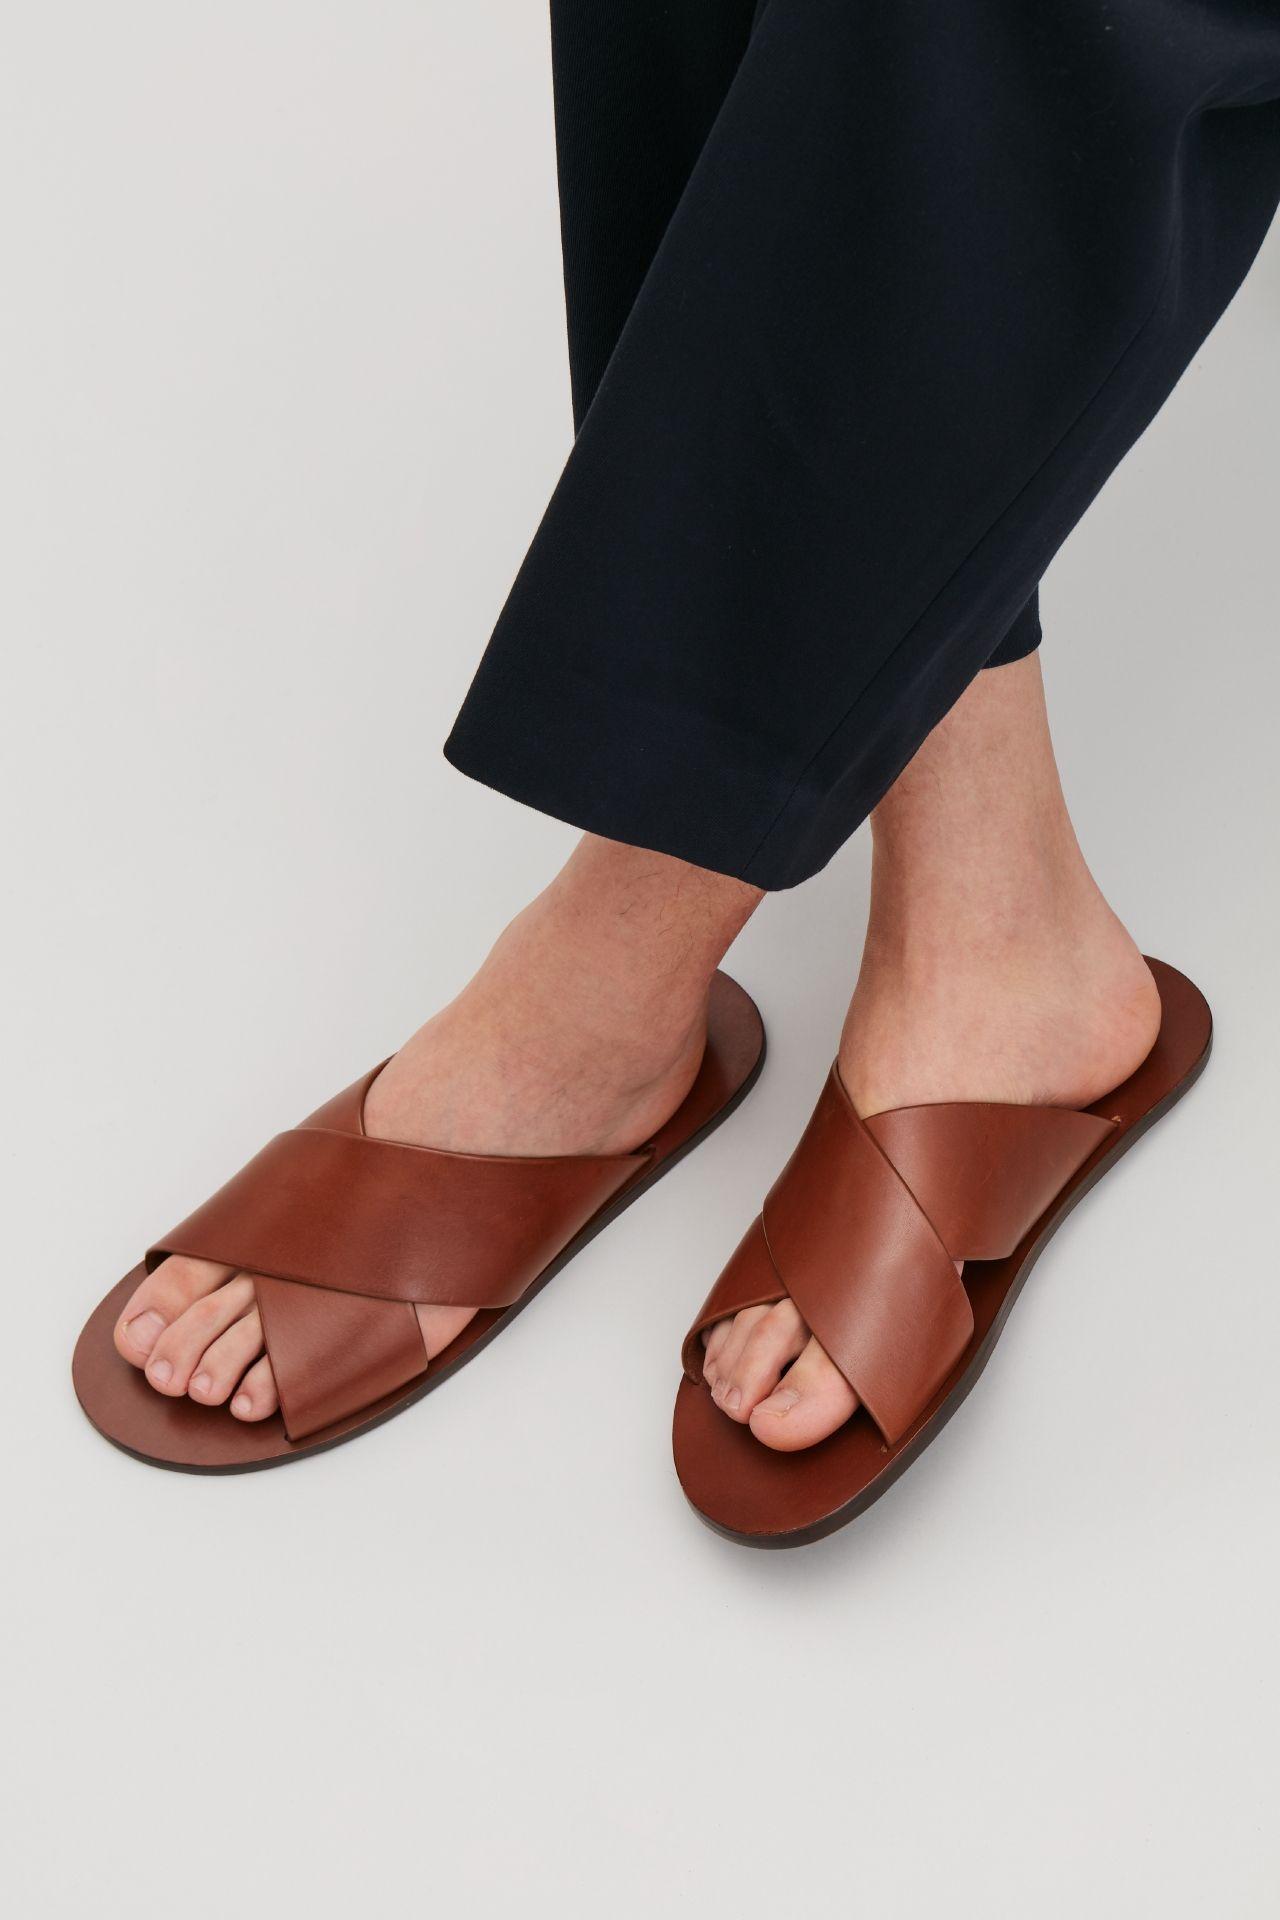 91 bästa bilderna på Skor | Skor, Söta skor och Sommar sandaler